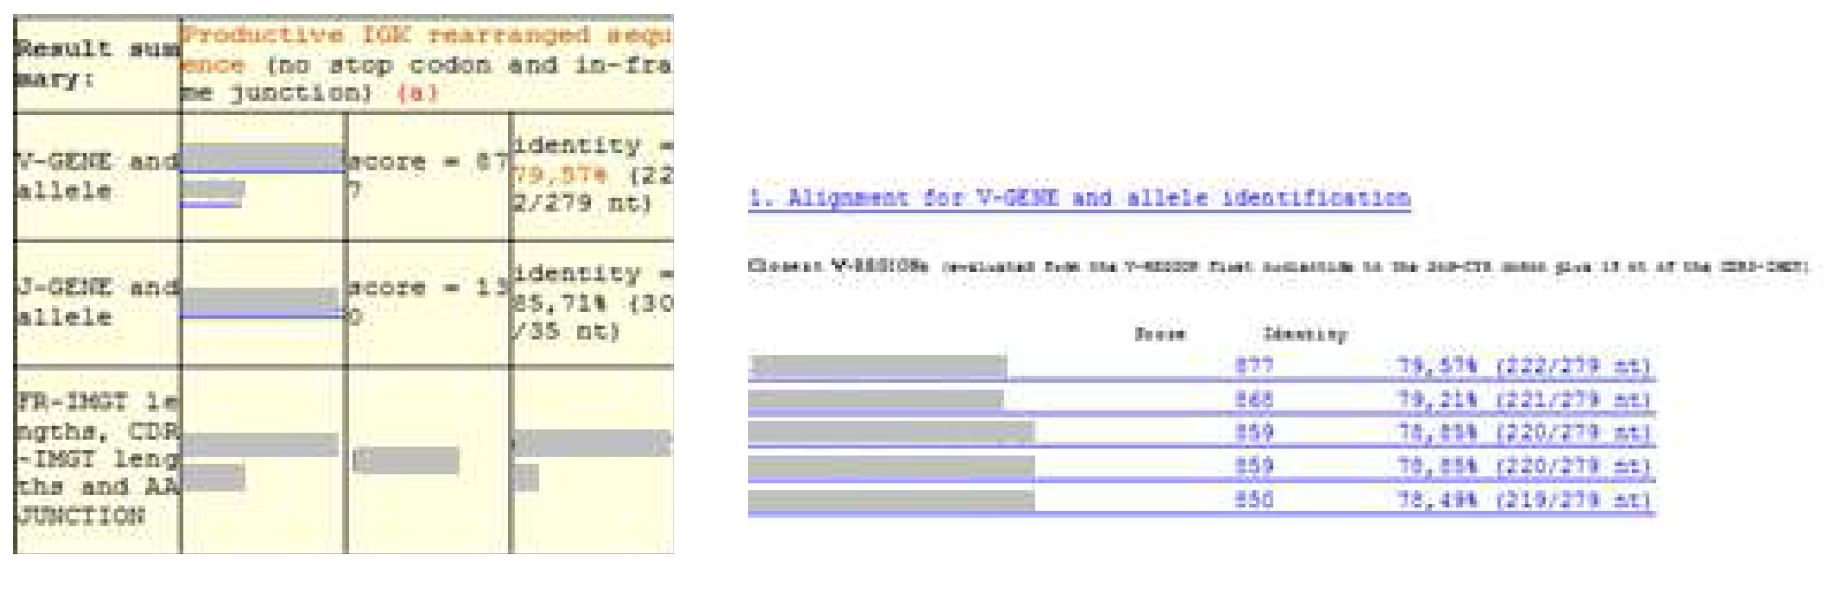 그림 33. Human germline immunoglobulin κ chain V region 아미노산 서열 list up